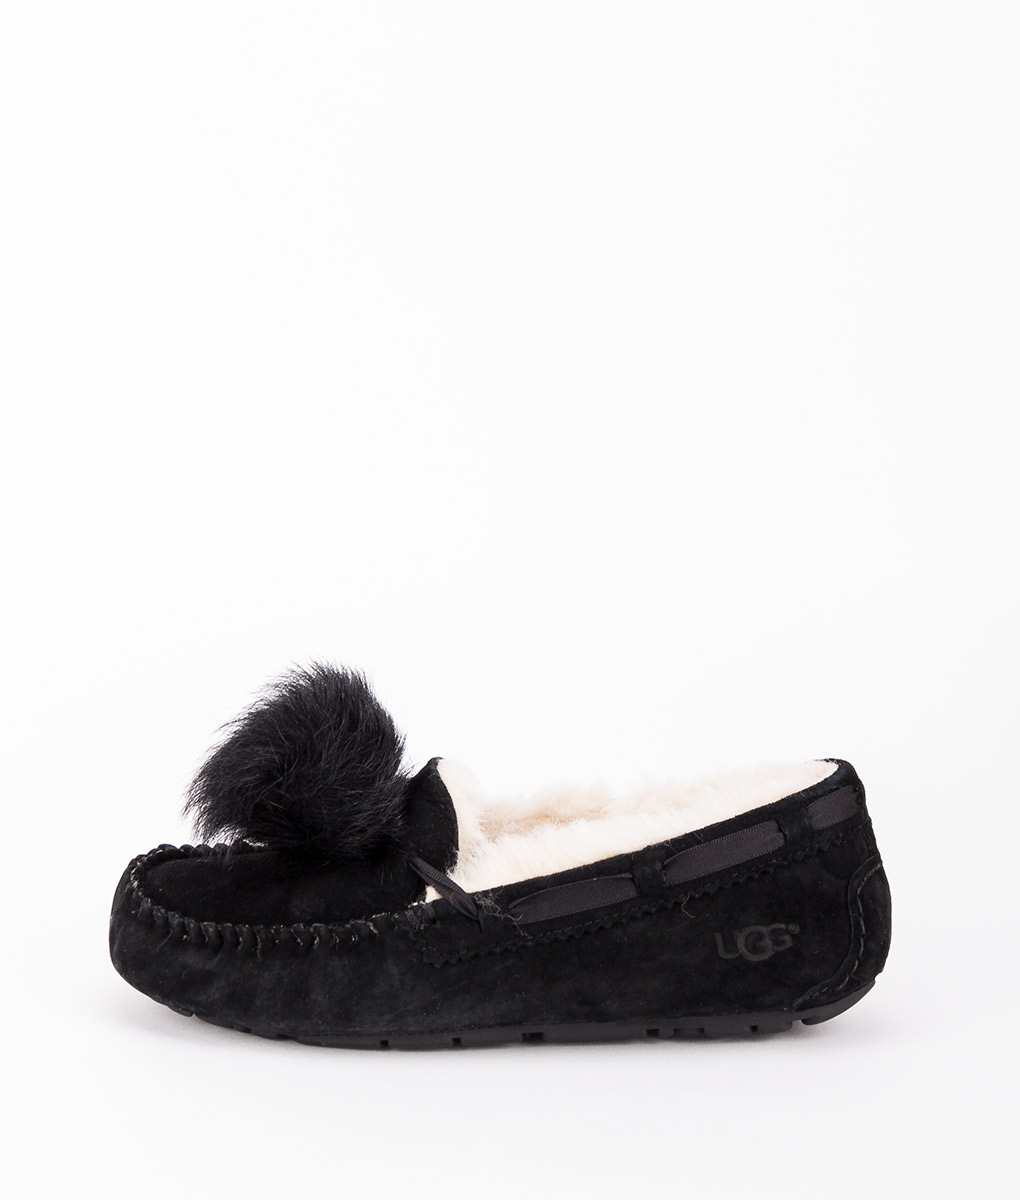 48744150ef1 UGG Women Slippers 1019015 DAKOTA POM POM, Black